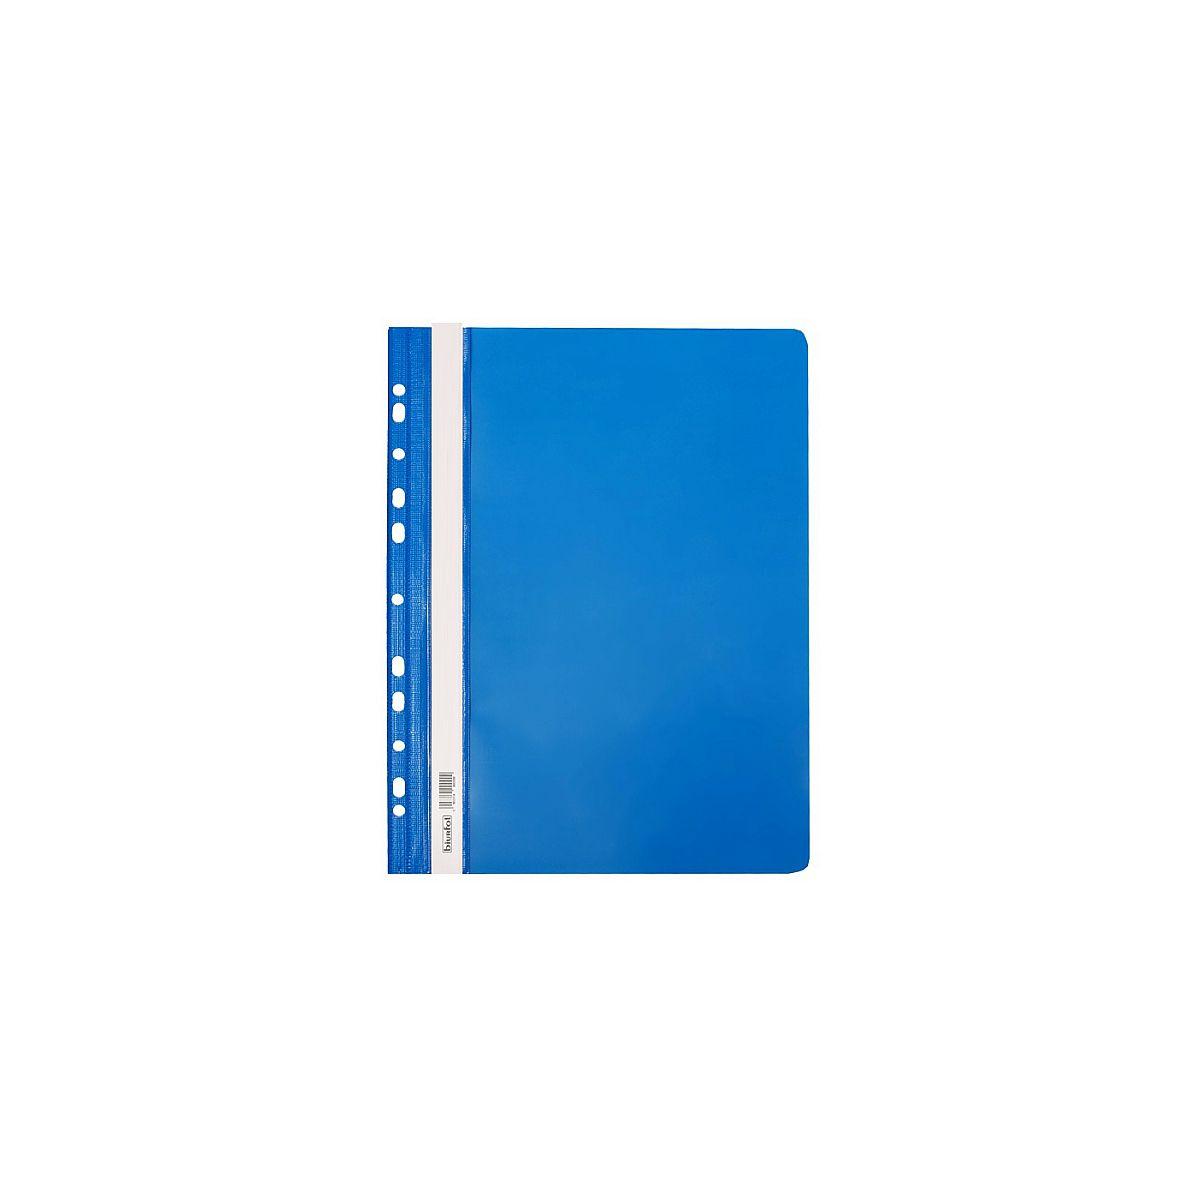 Skoroszyt Biurfol przetargowy A4 – niebieski (ST-0203)